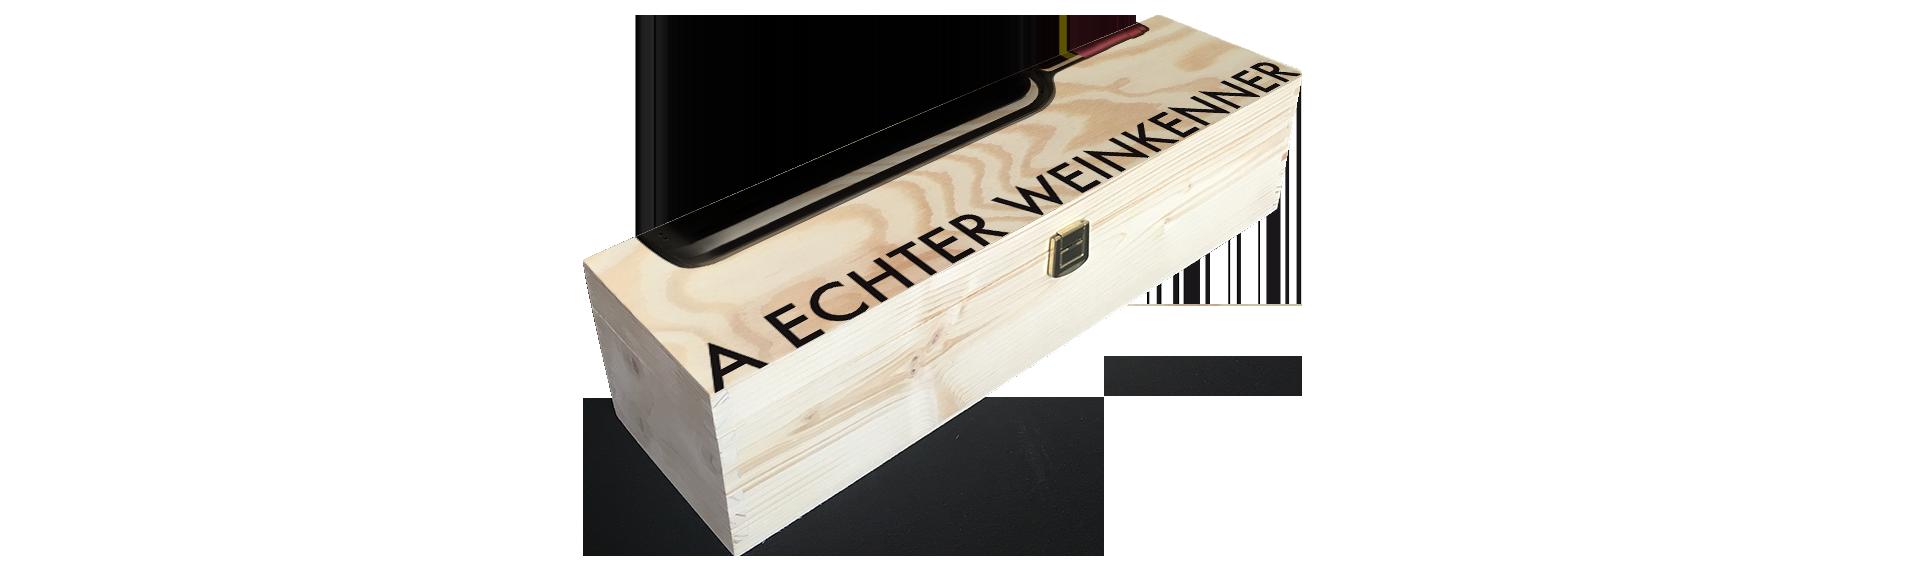 Weinkenner | Holzkiste Weinkiste  bedruckt